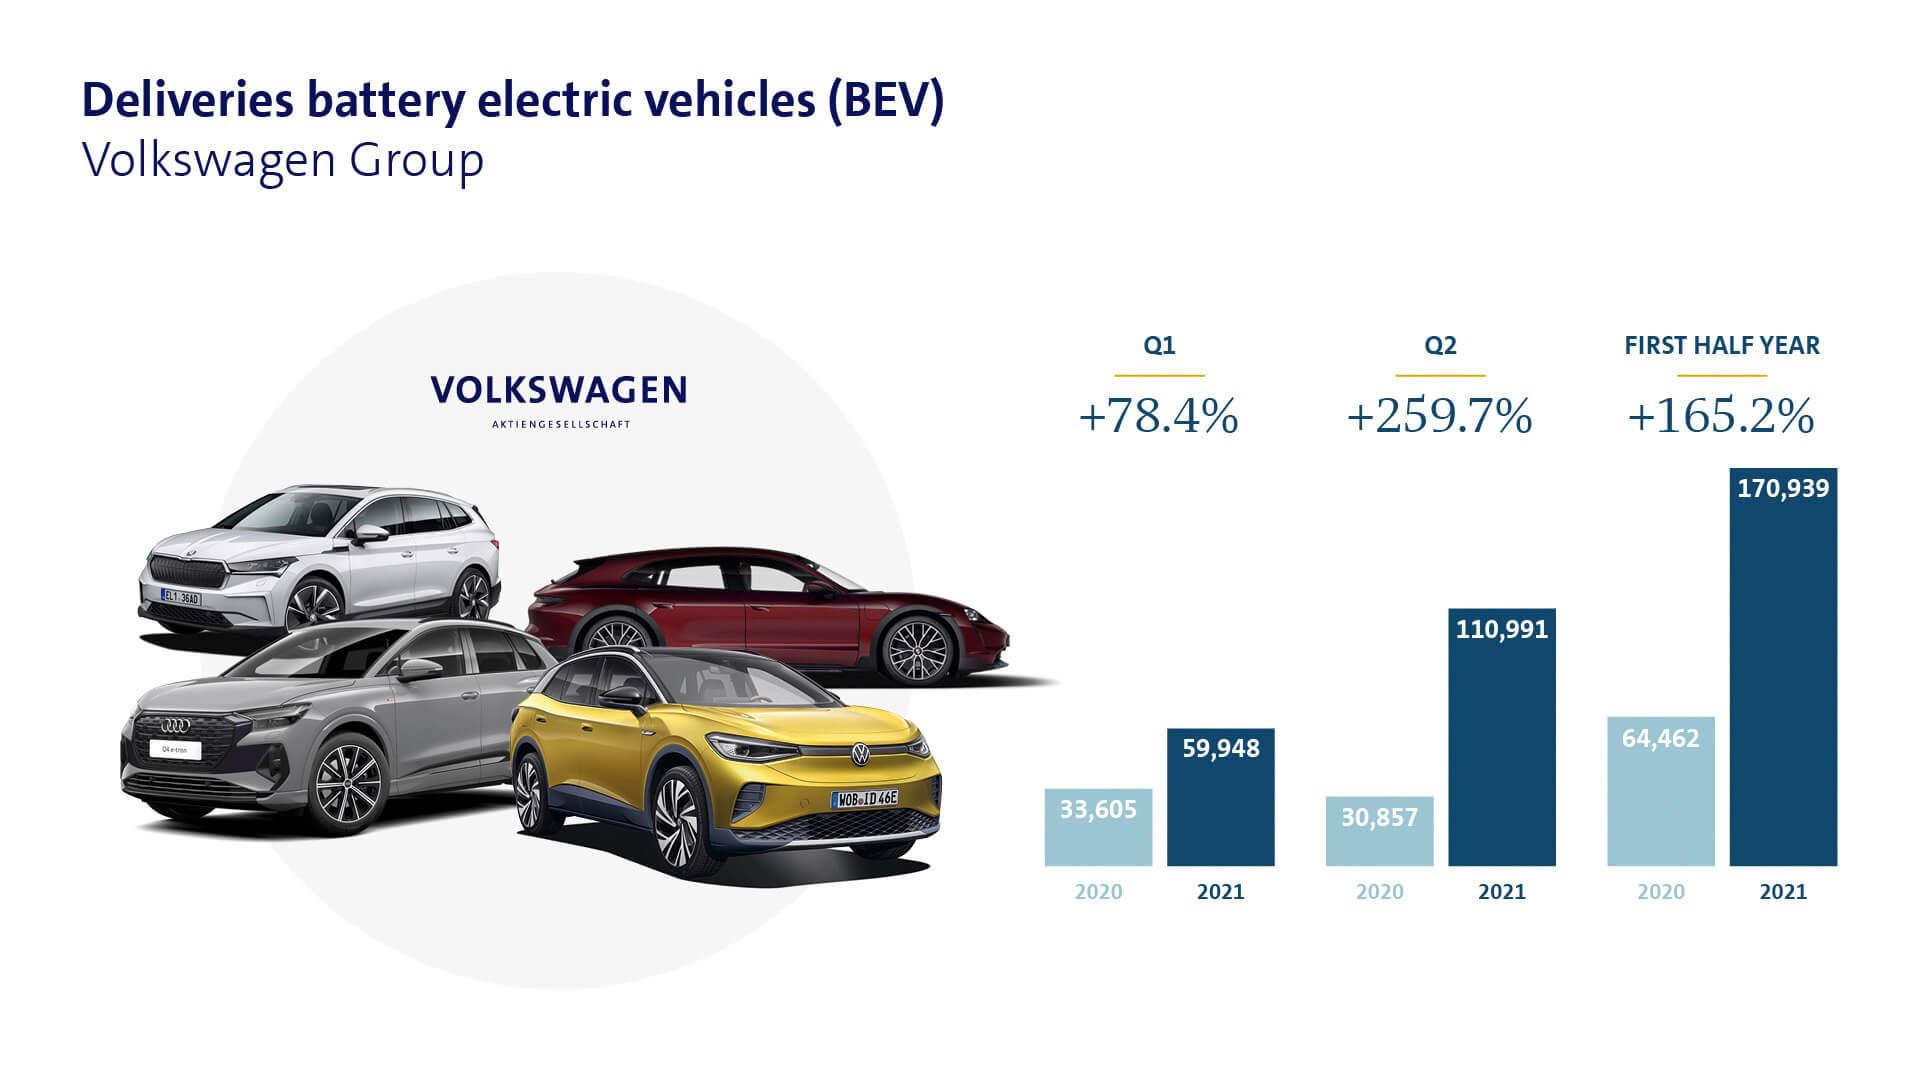 Volkswagen Group в первом полугодии 2021 года продала 170 939 электромобилей